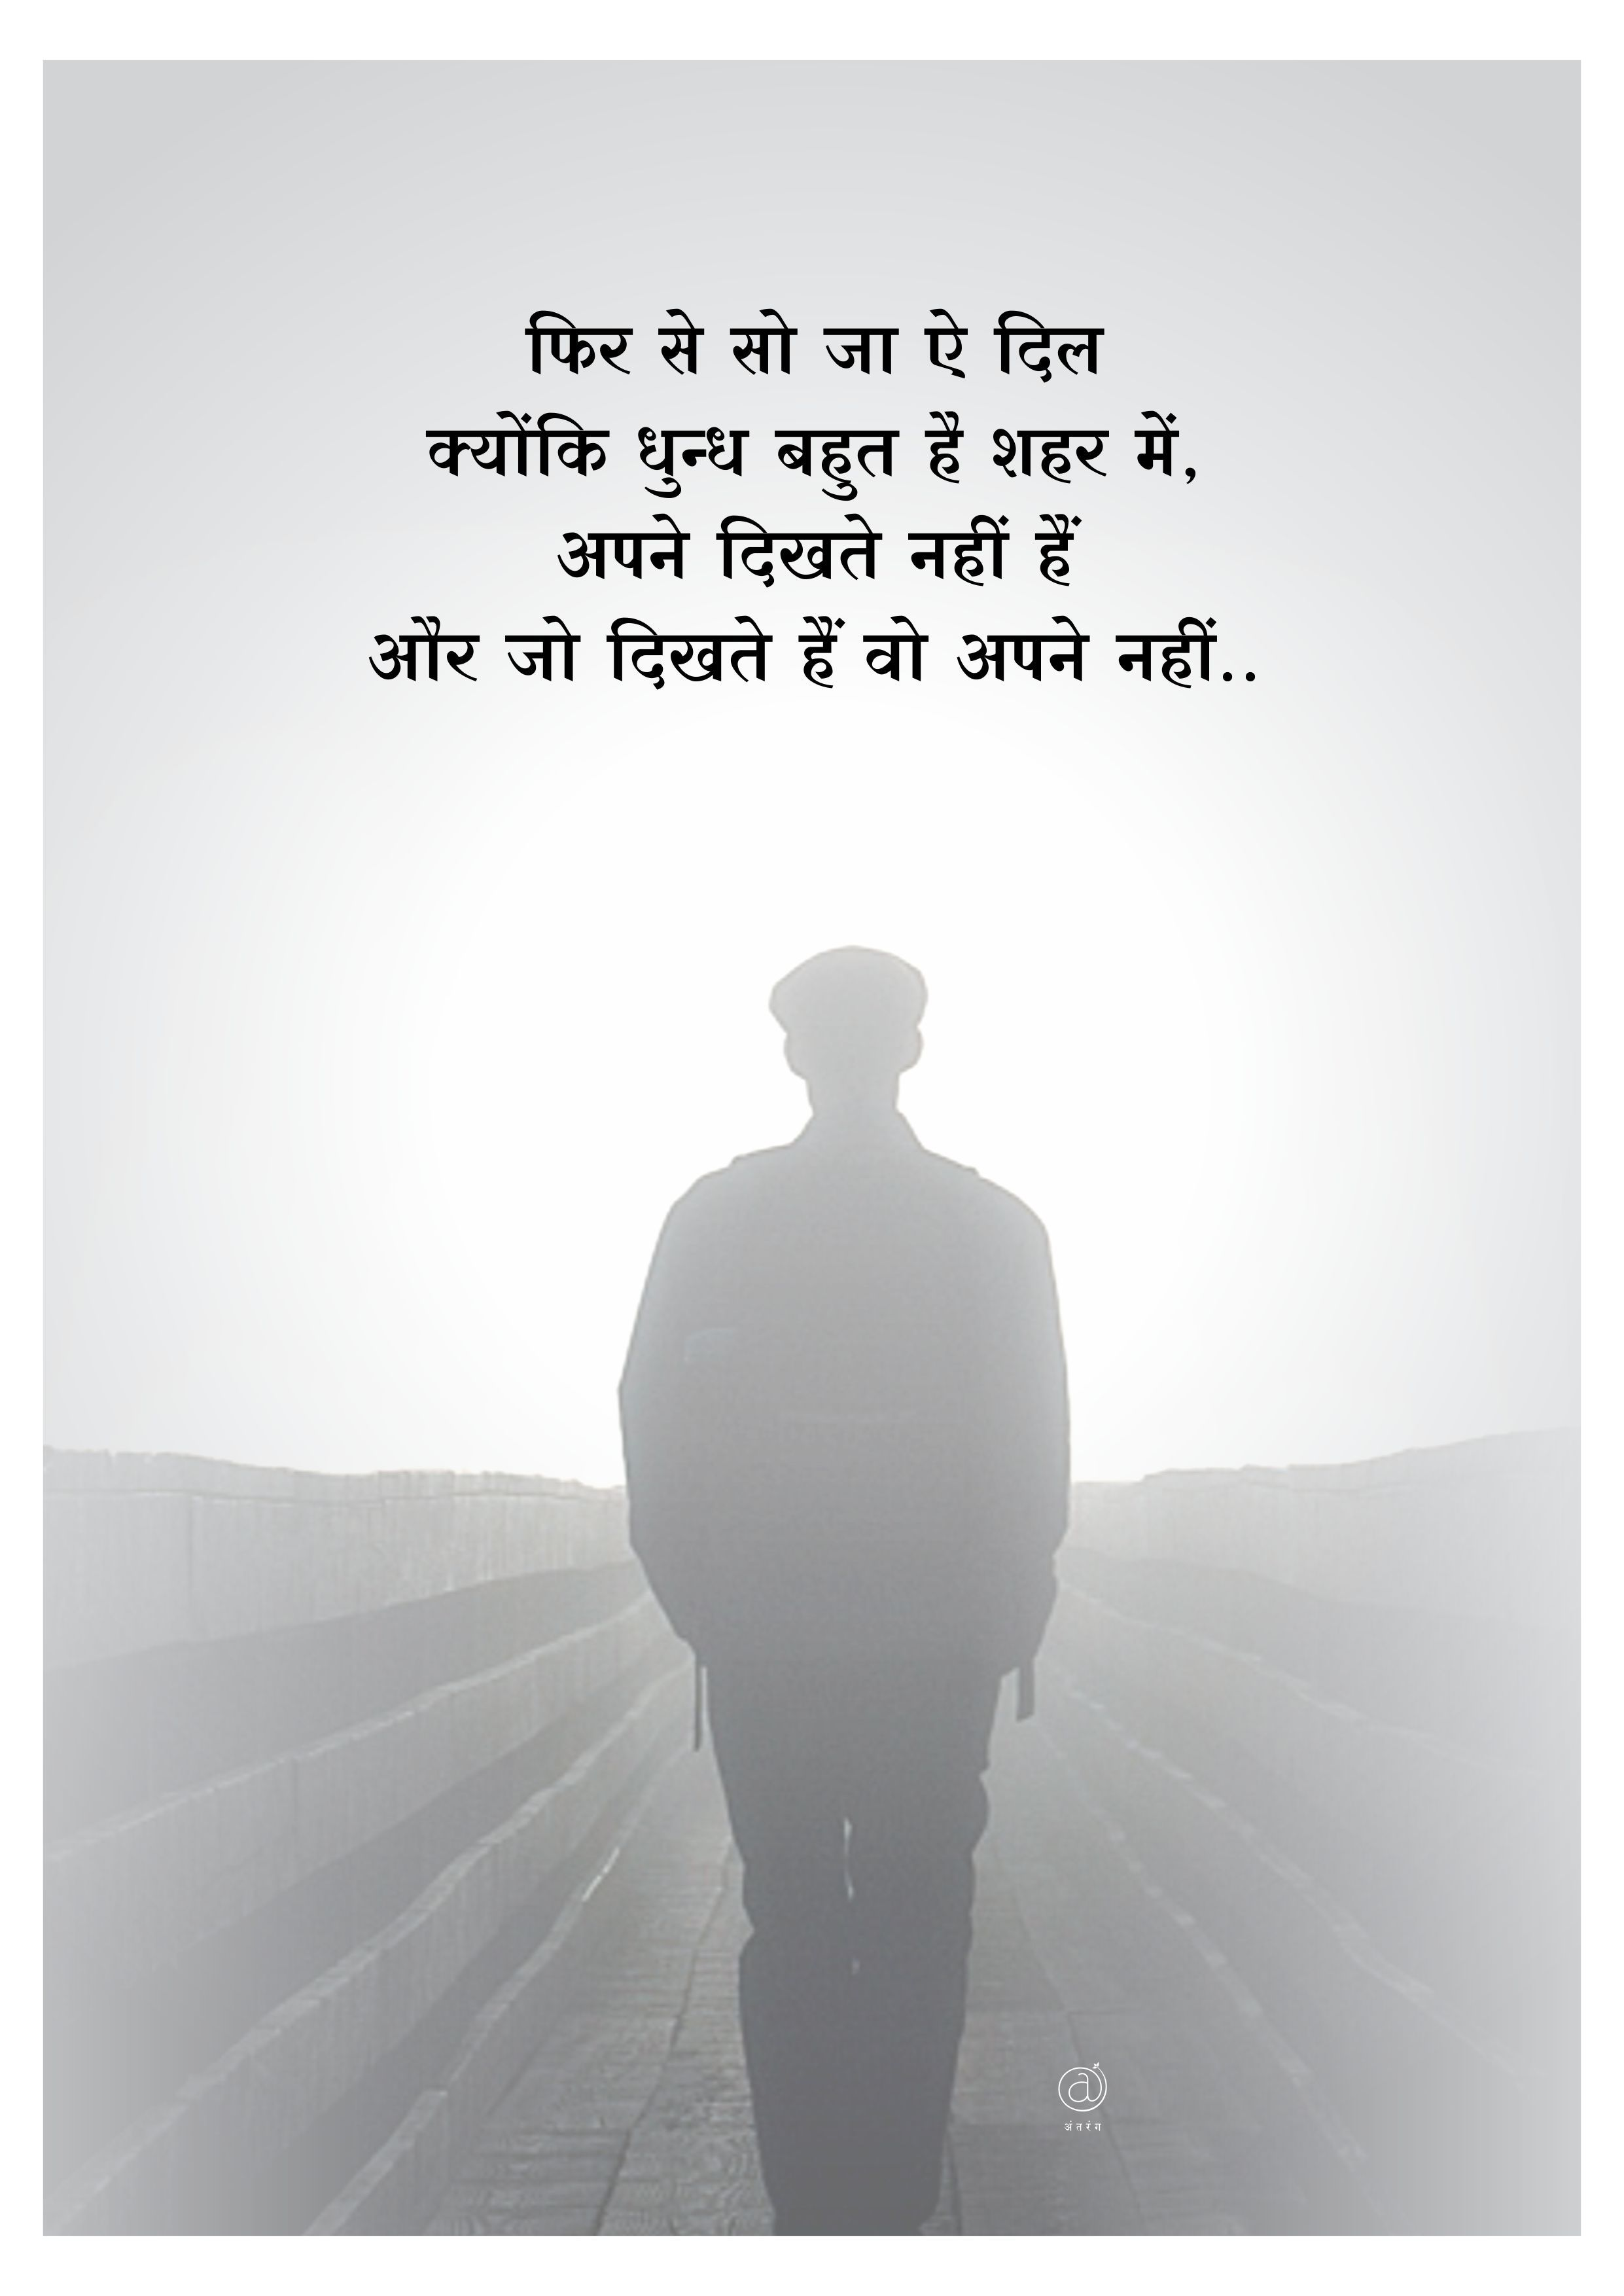 Marathi quotes, Words, Shayari photo